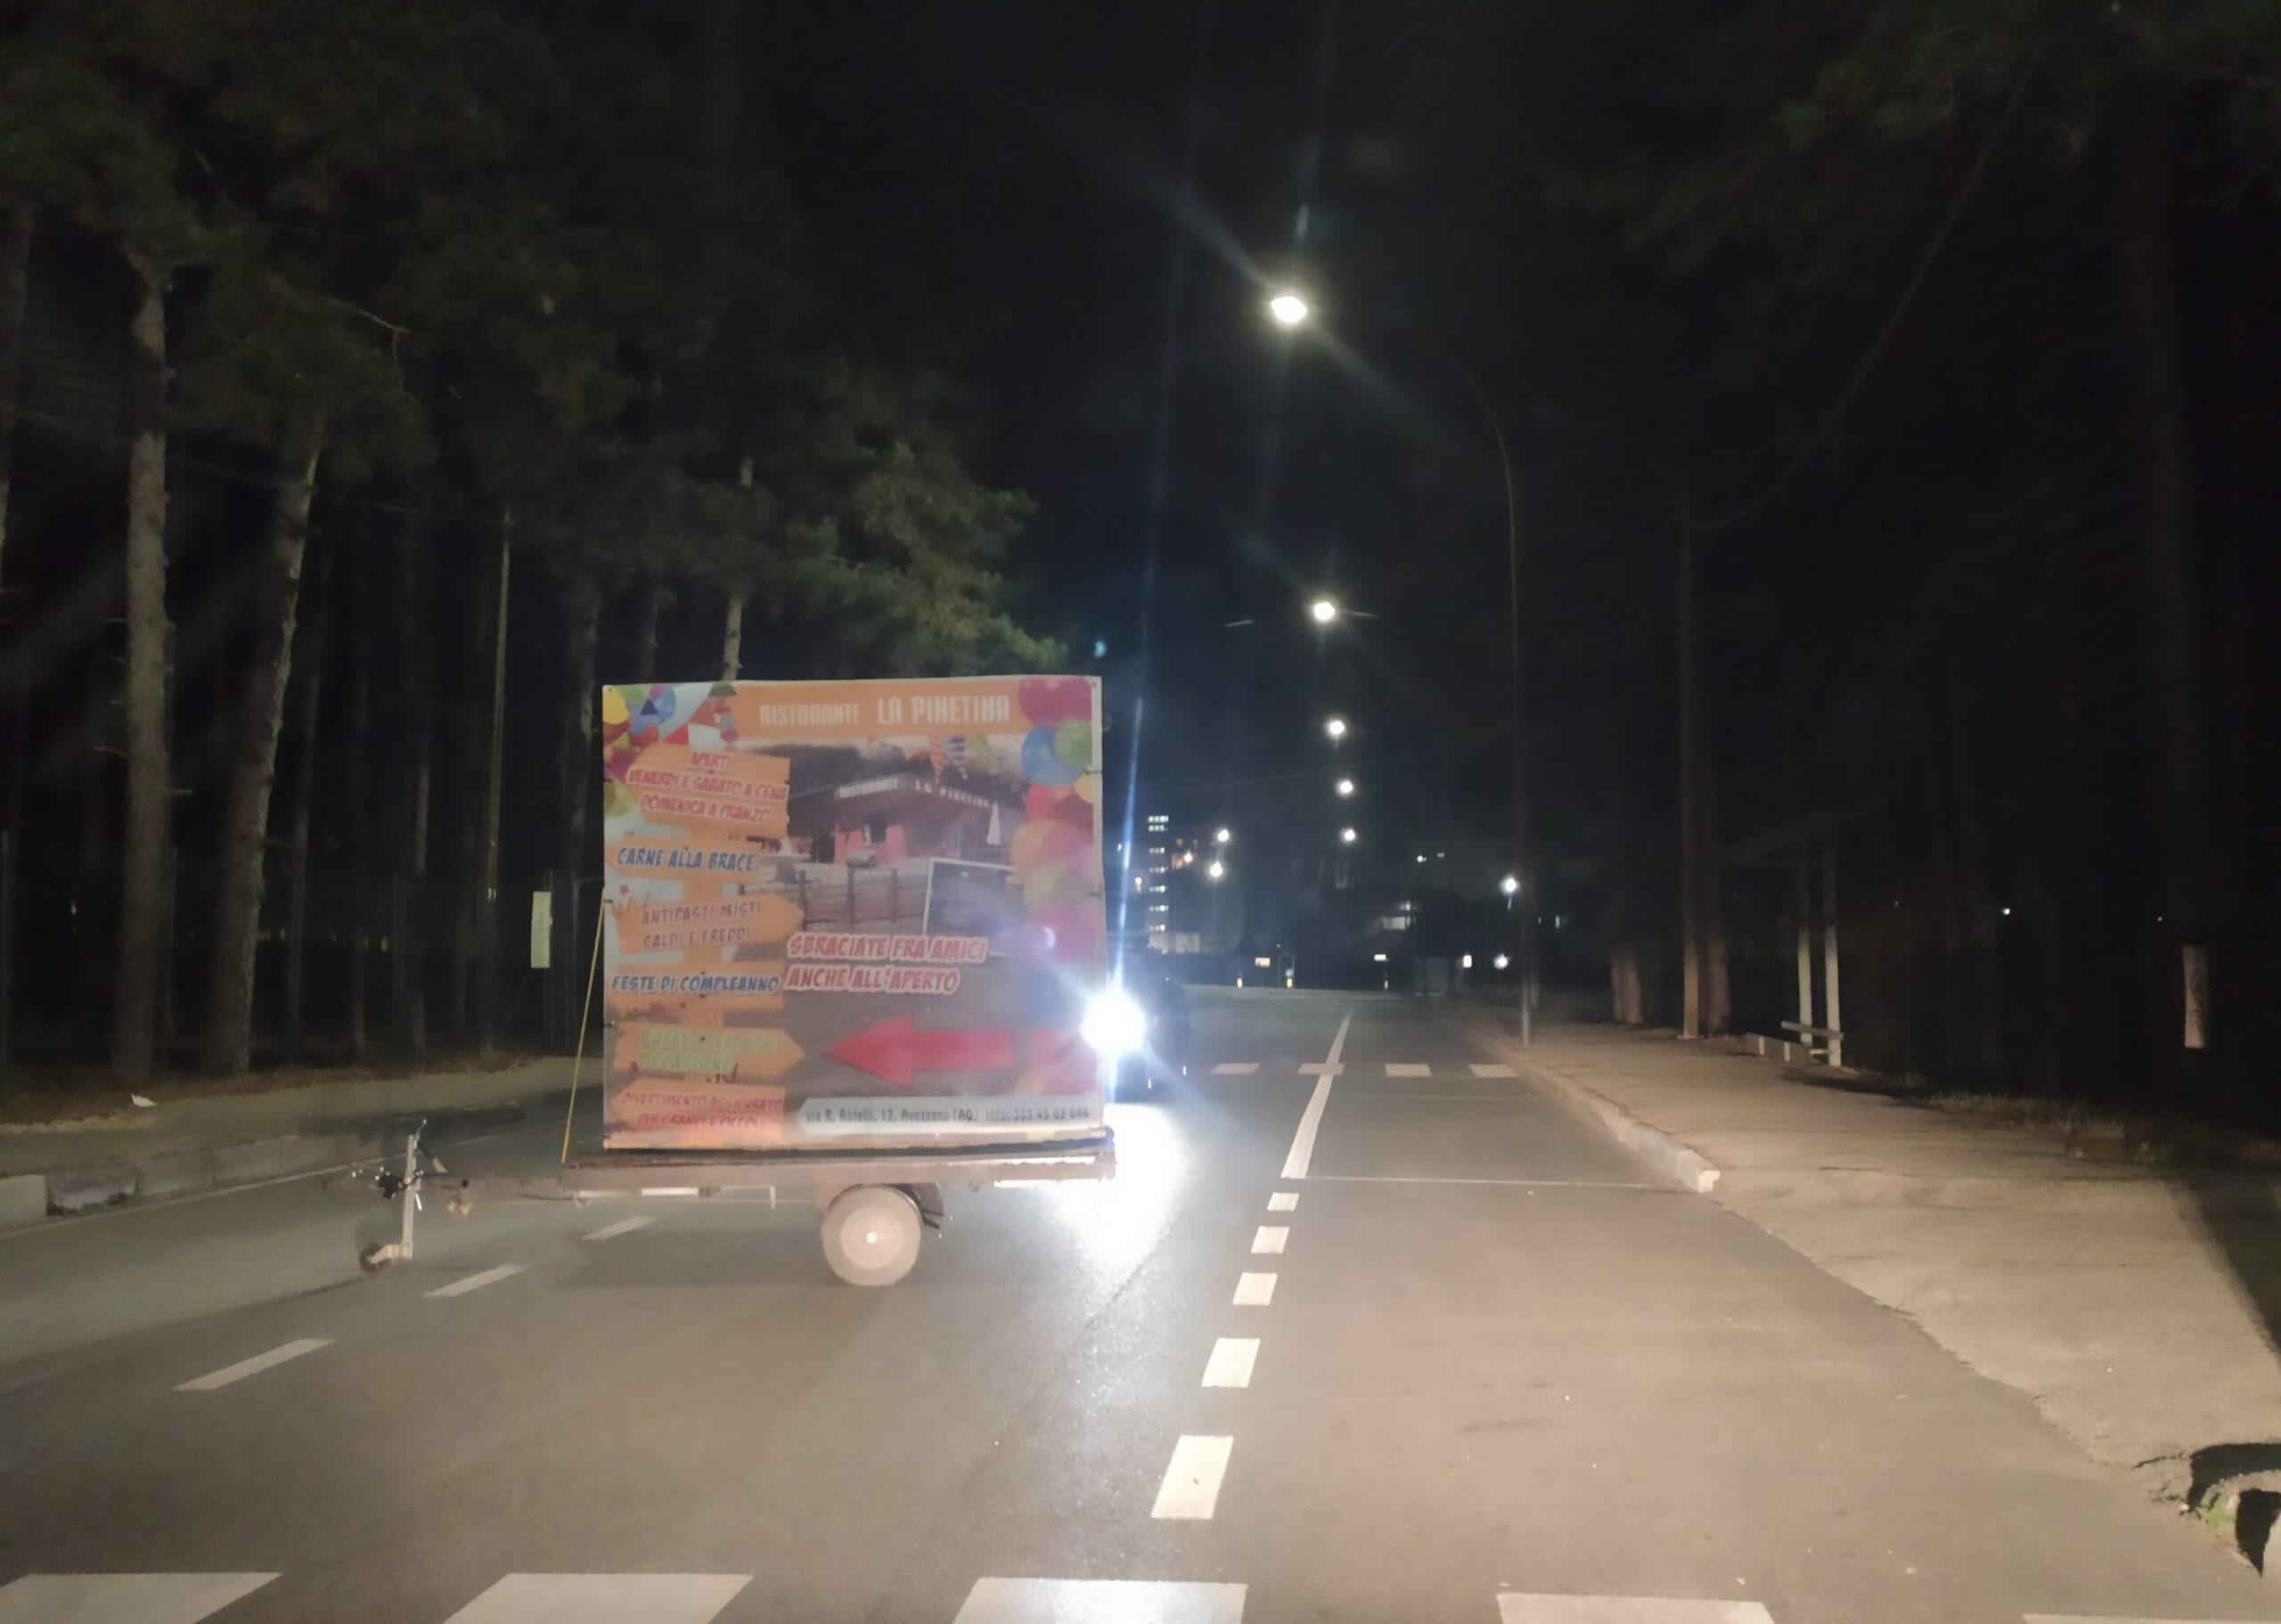 Ostruiscono la strada per l'ospedale con un carrello pubblicitario, intervengono i carabinieri